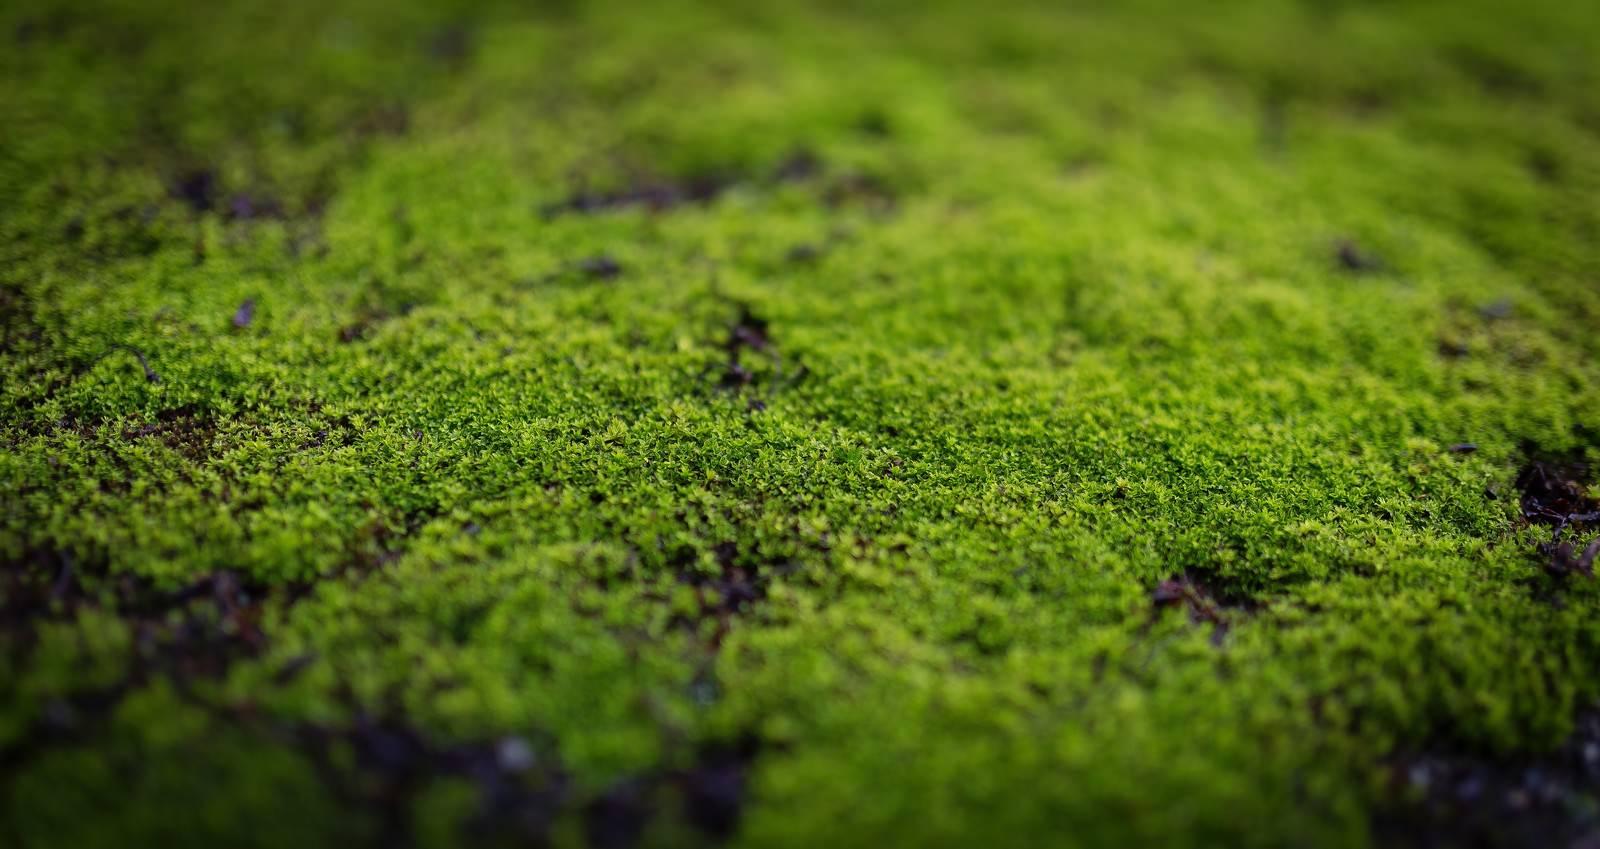 「張り付いた苔」の写真